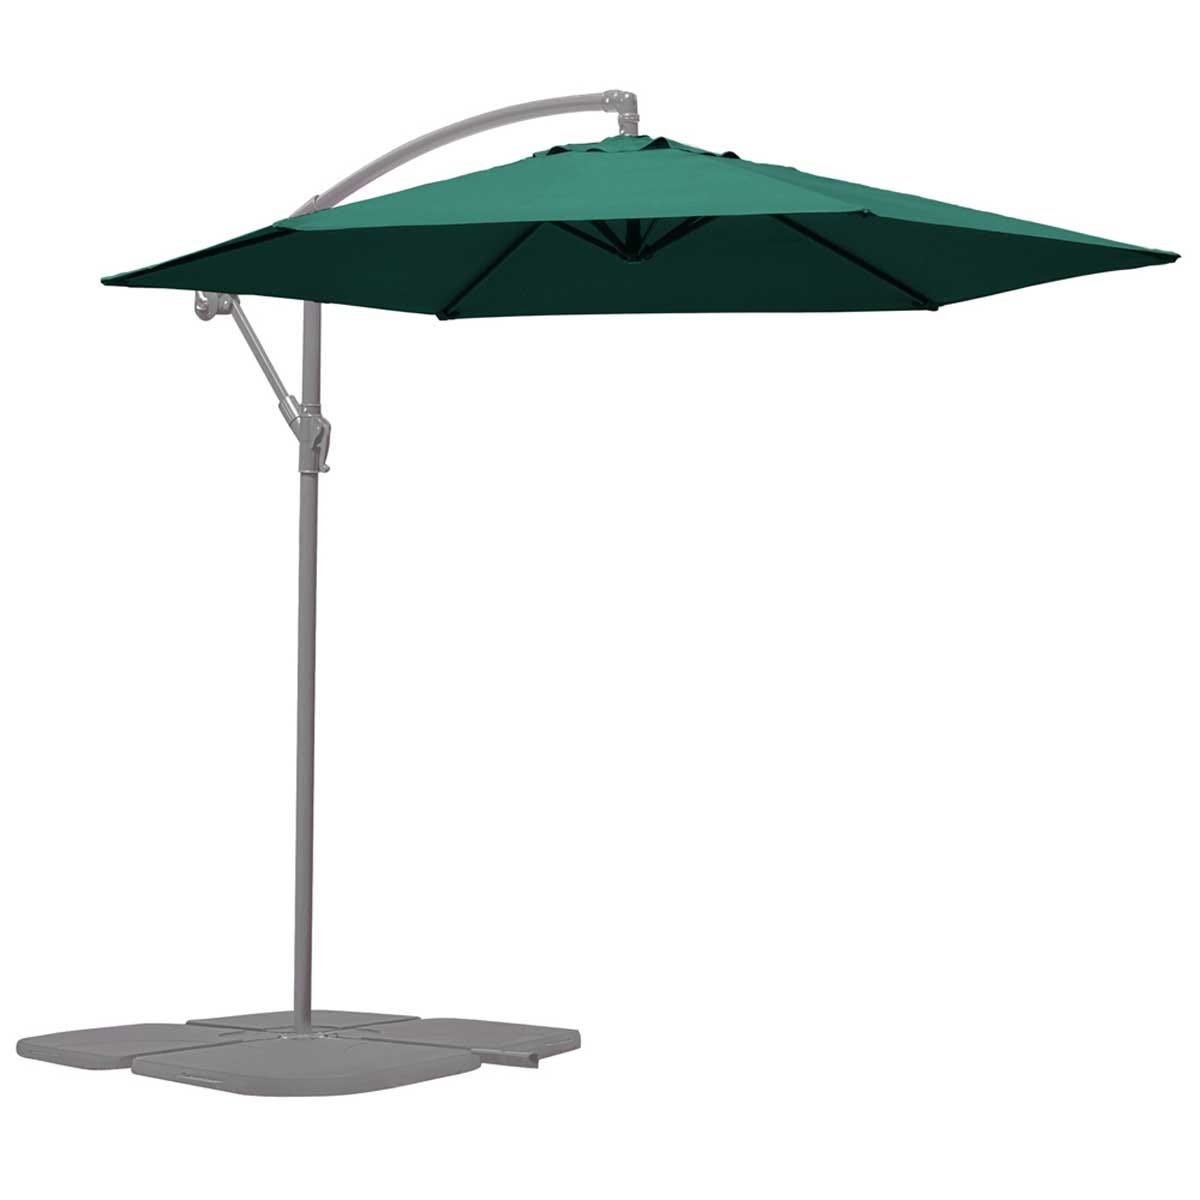 Garden Gear Cantilever Parasol with Cover - Green